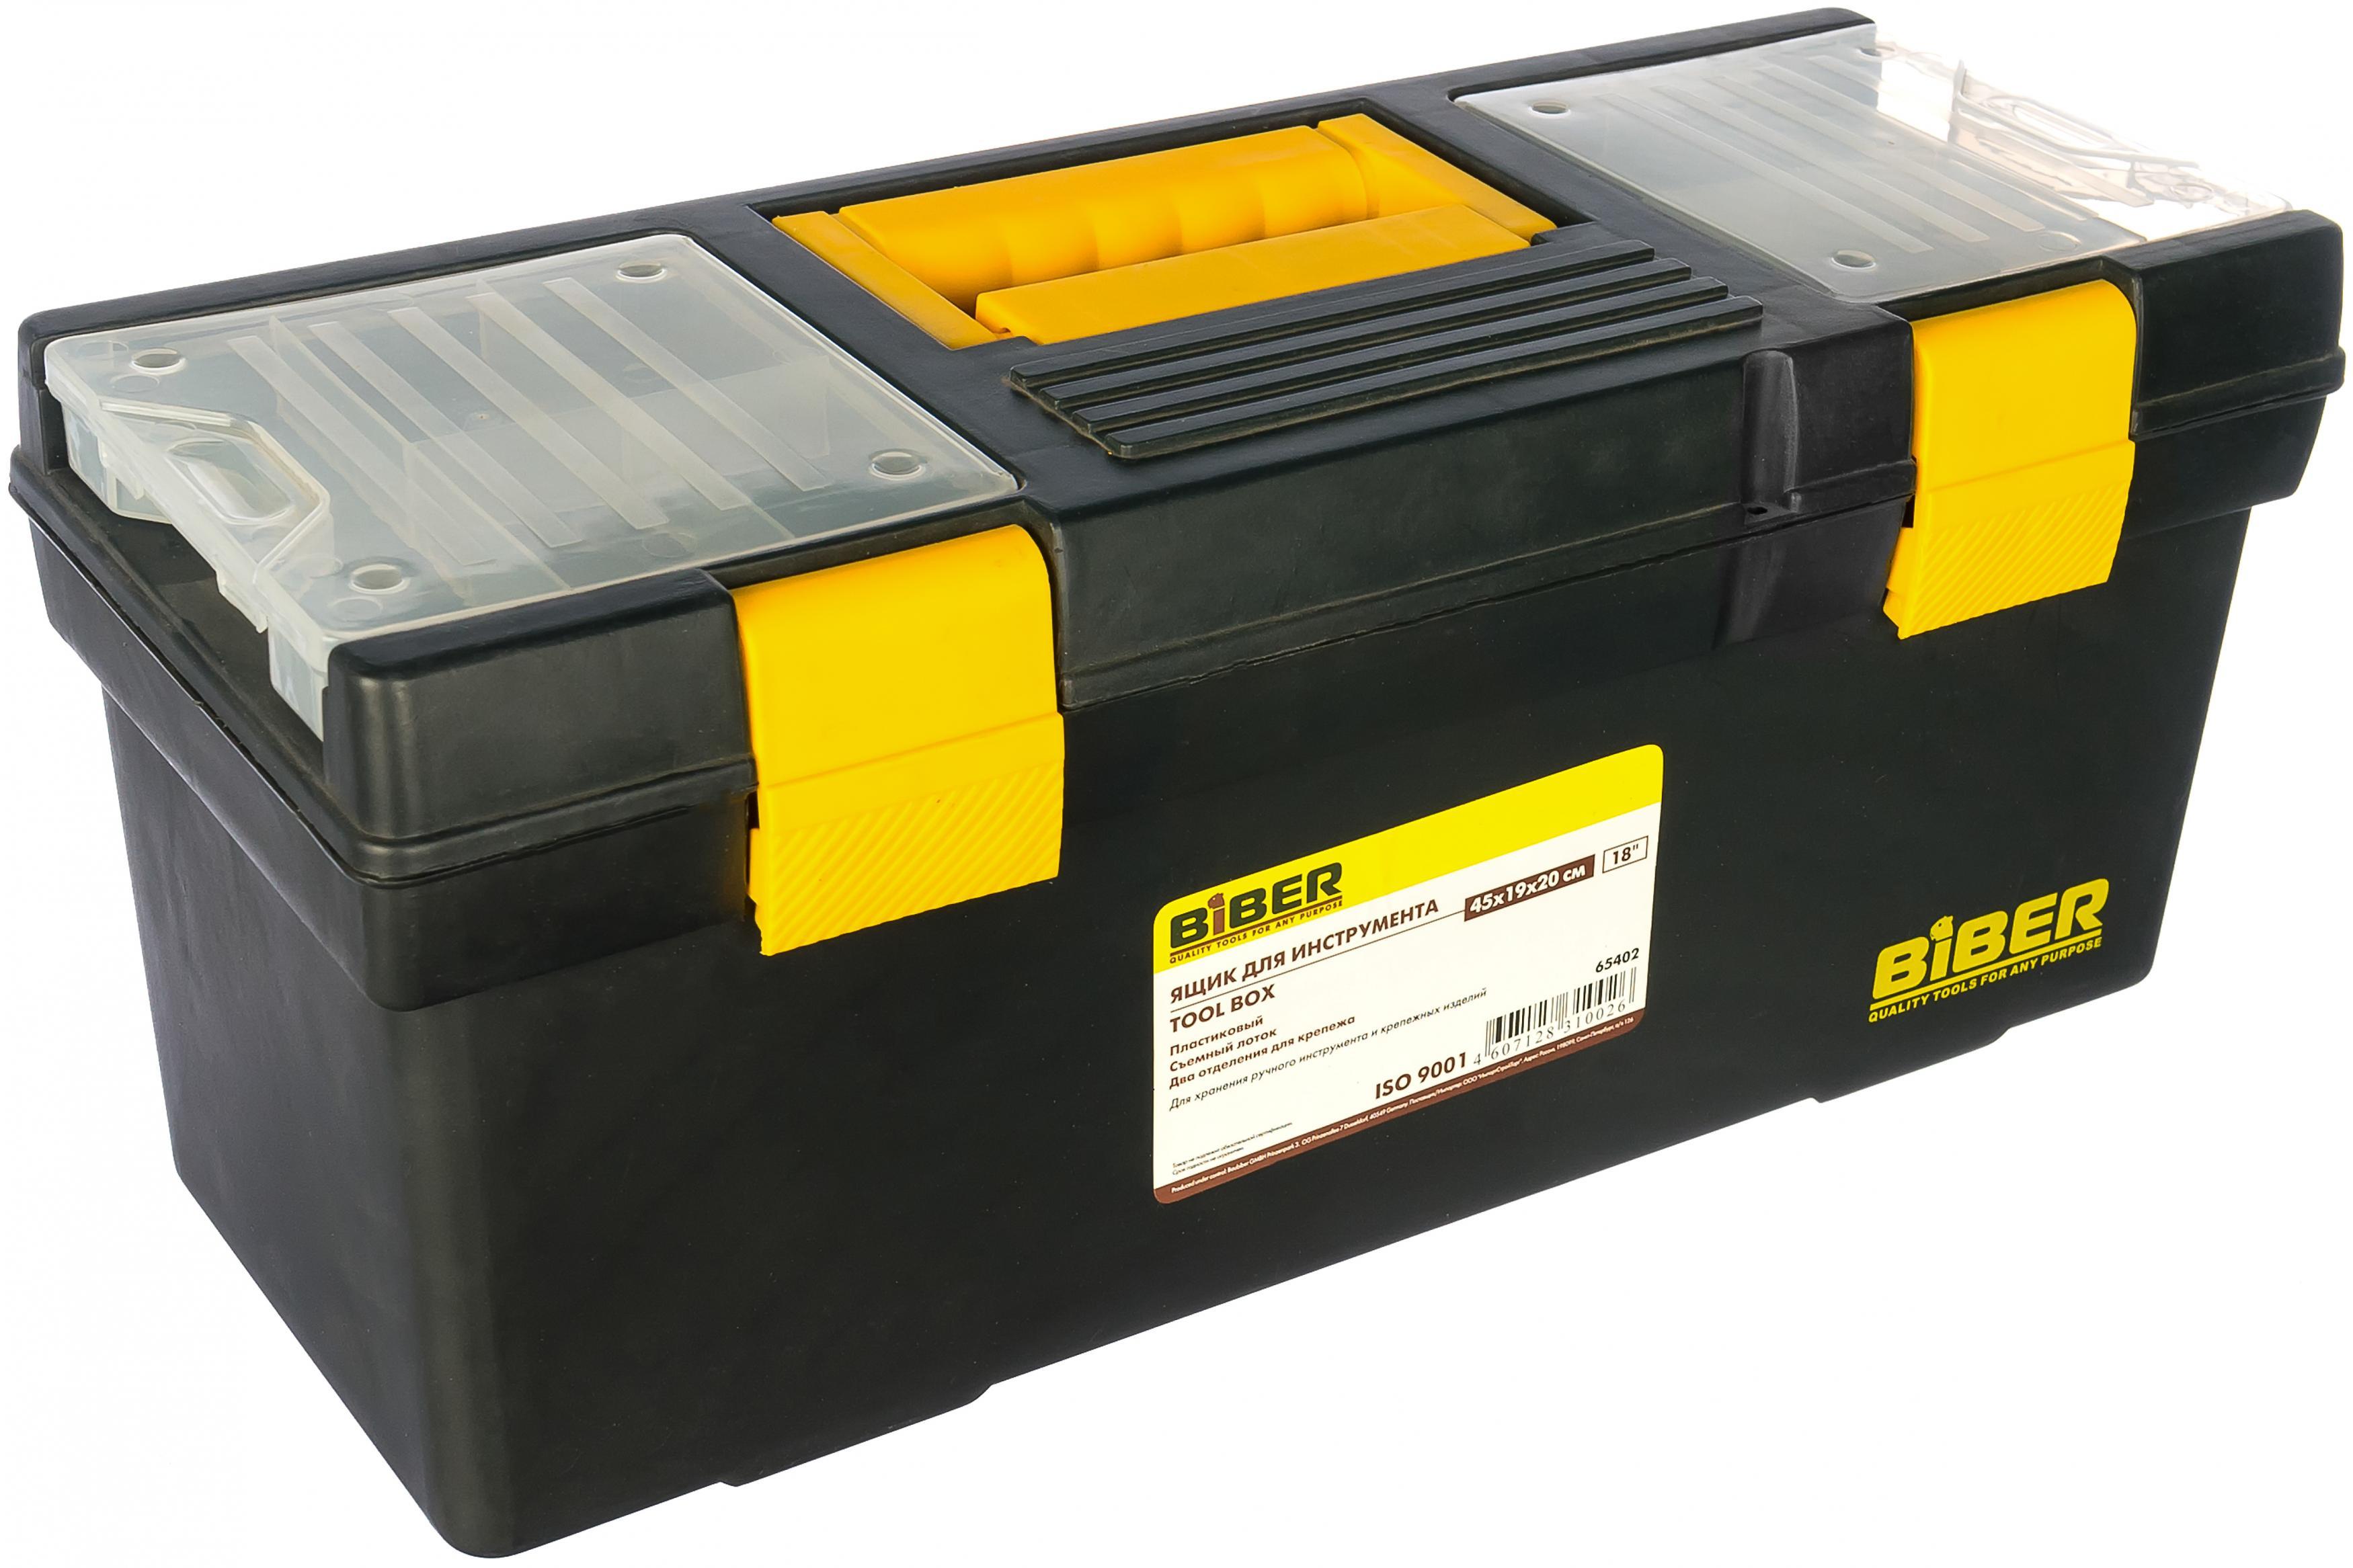 Ящик Biber 65402 ящик biber 65402 для инструментов 18